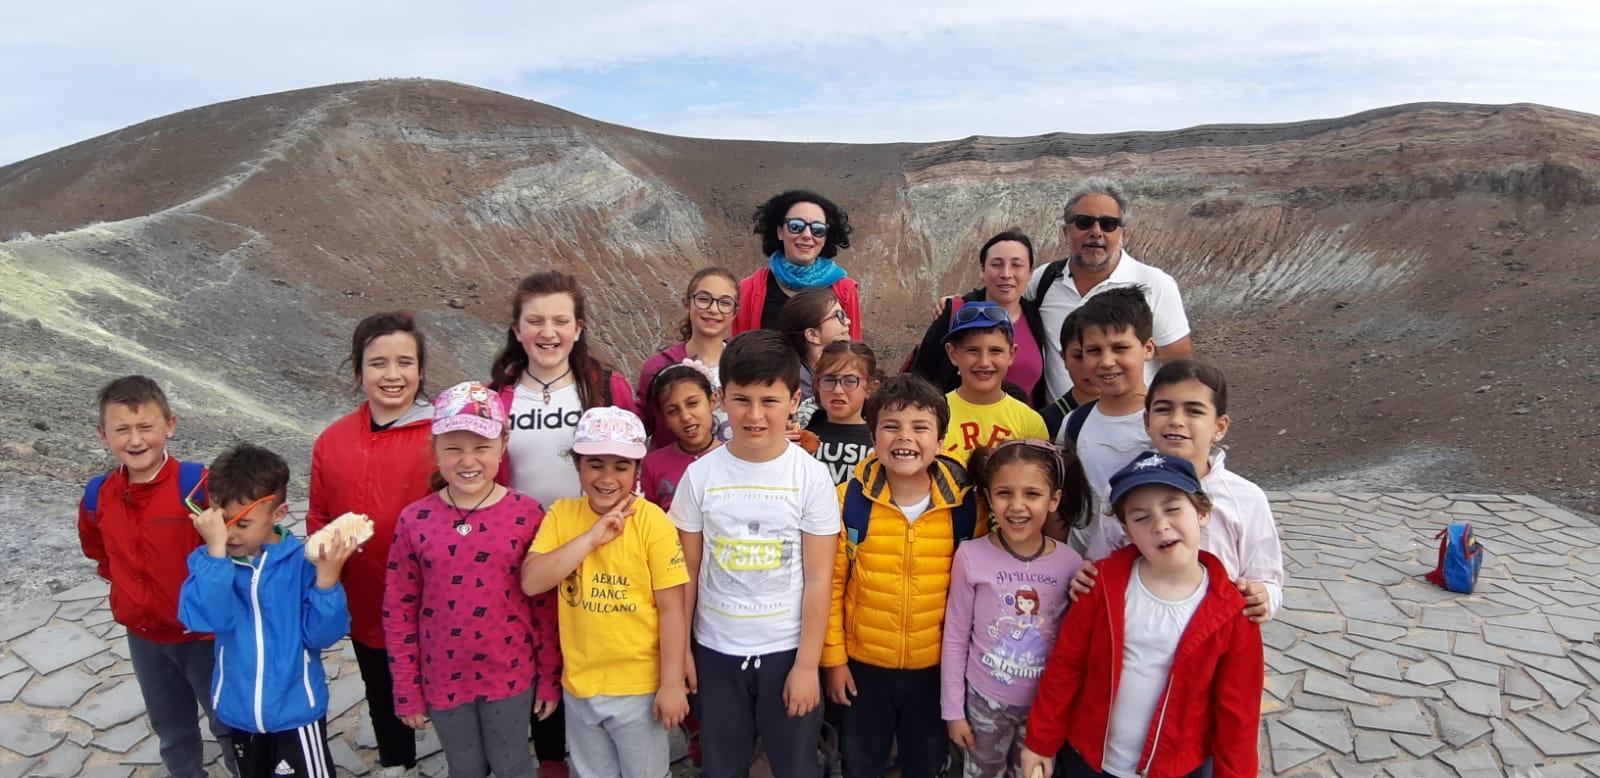 scula vulcanica